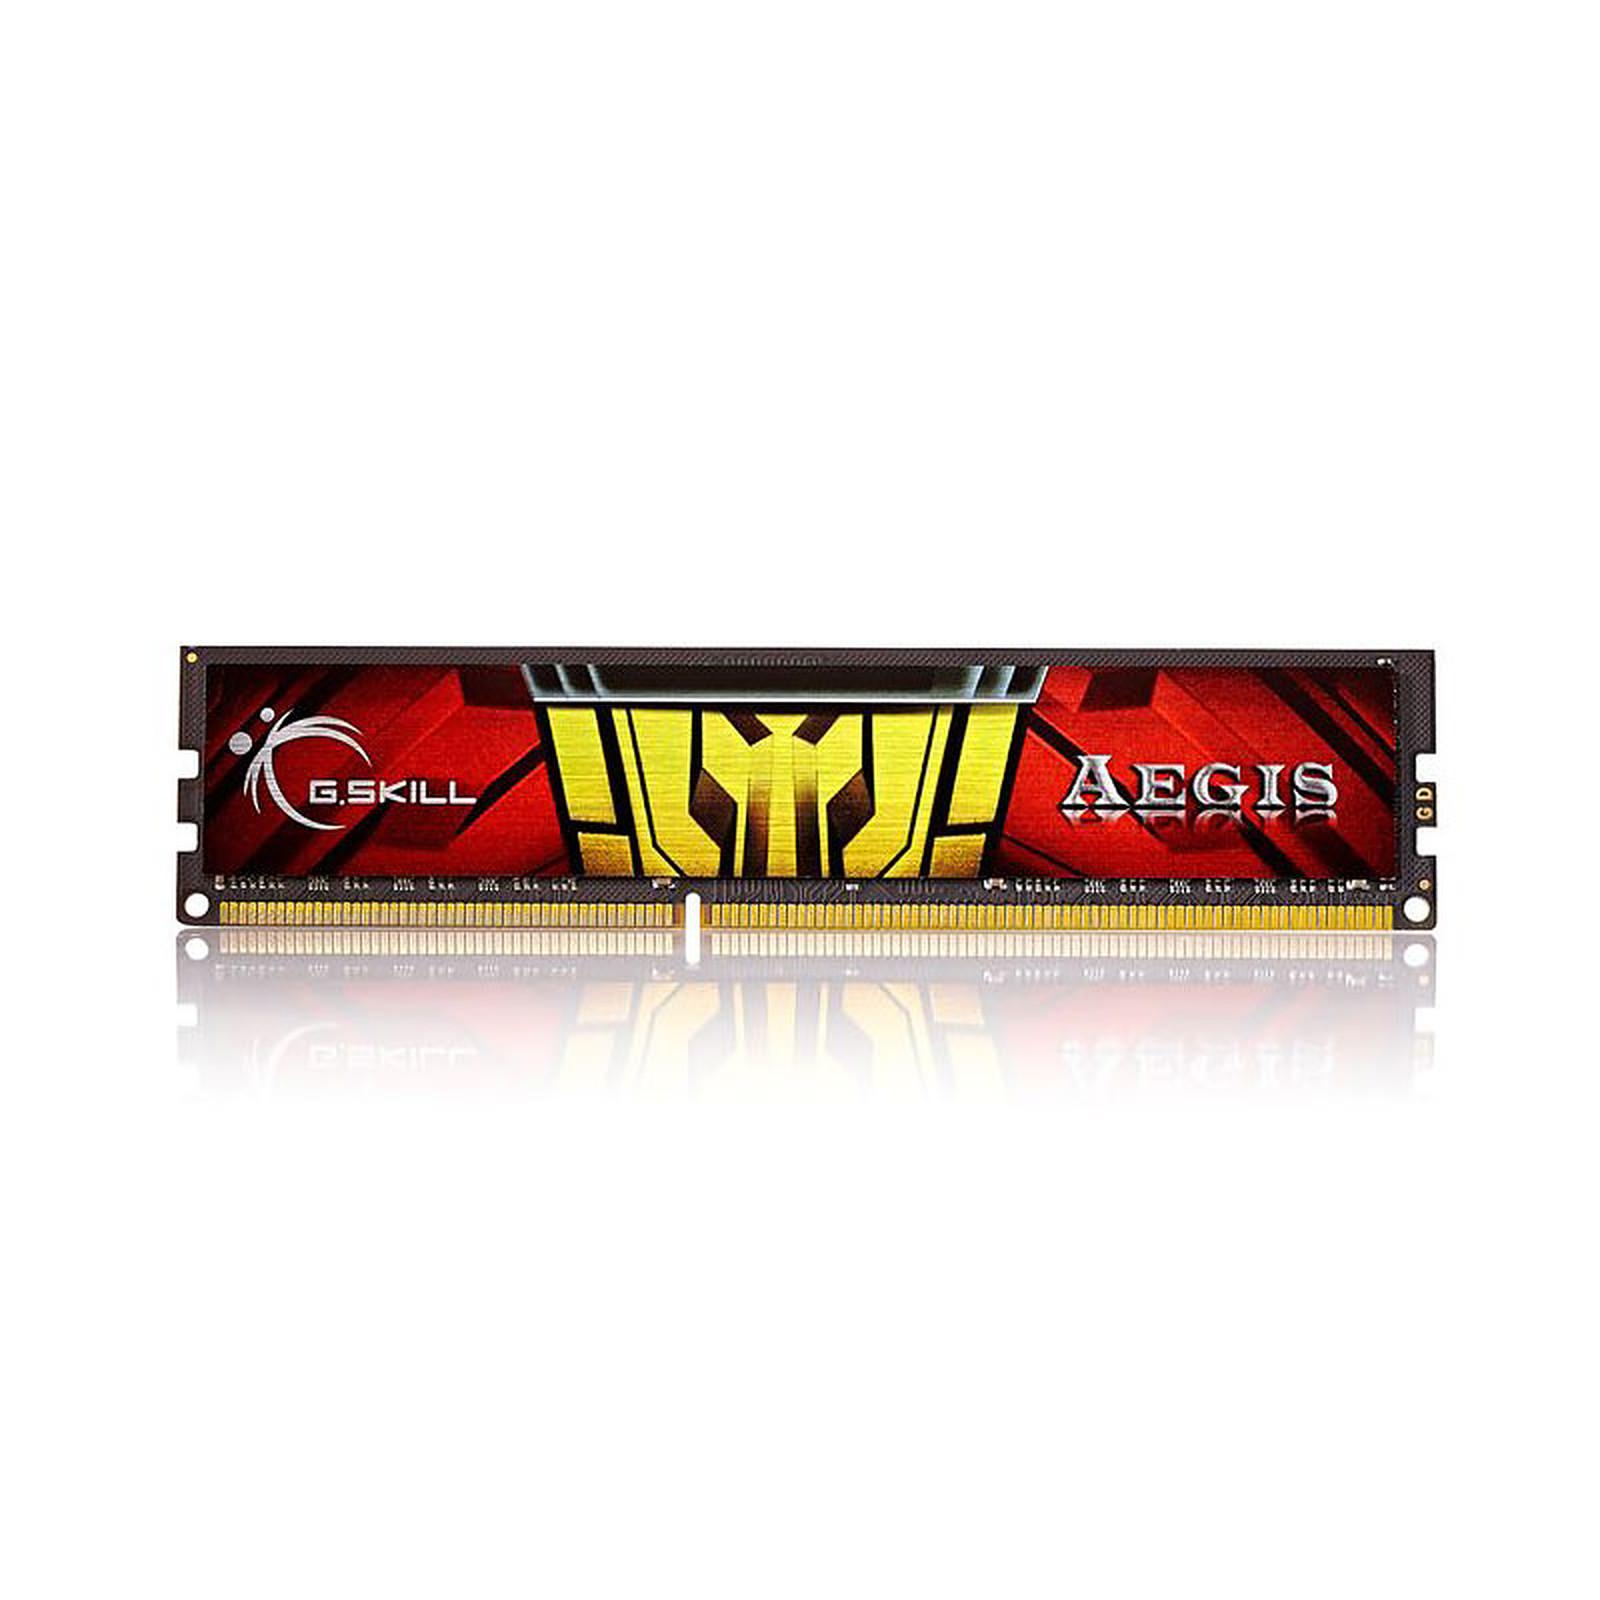 G.Skill Aegis Series 8 Go DDR3 1333 MHz CL9